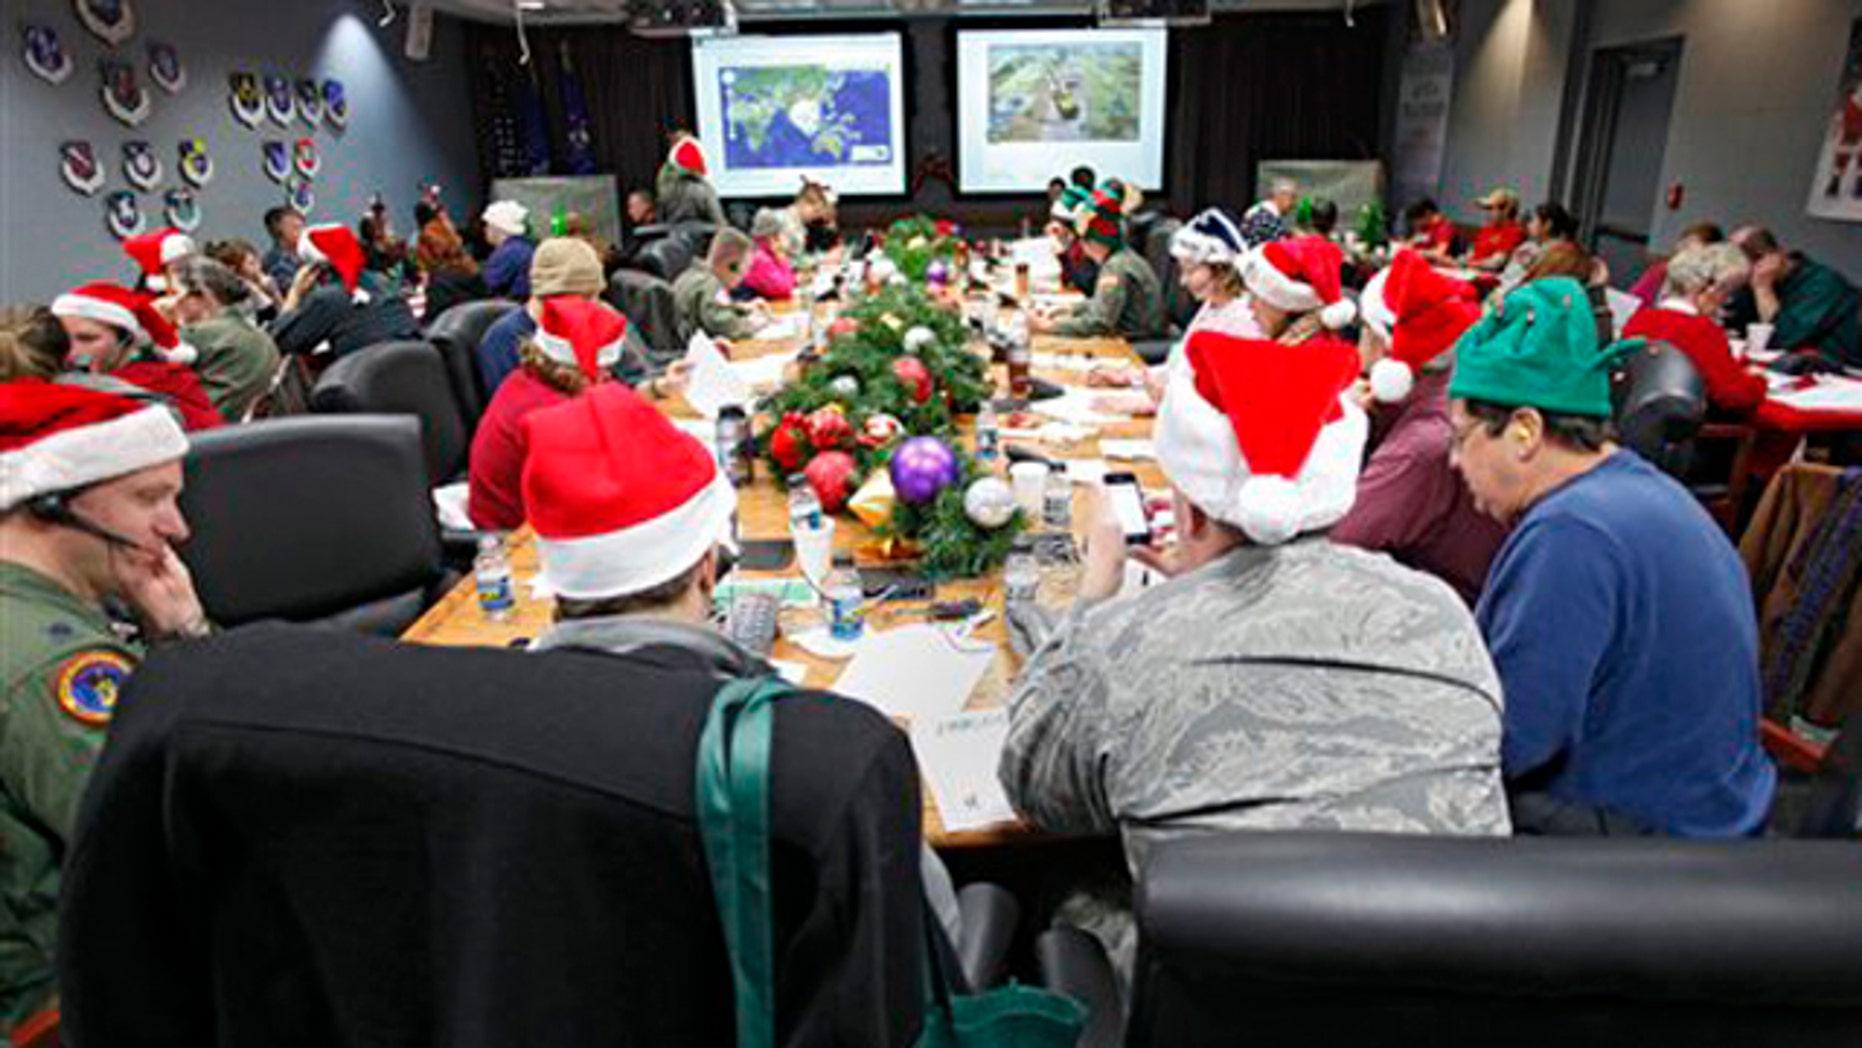 NORAD Santa Trackers Having Record Holiday | Fox News